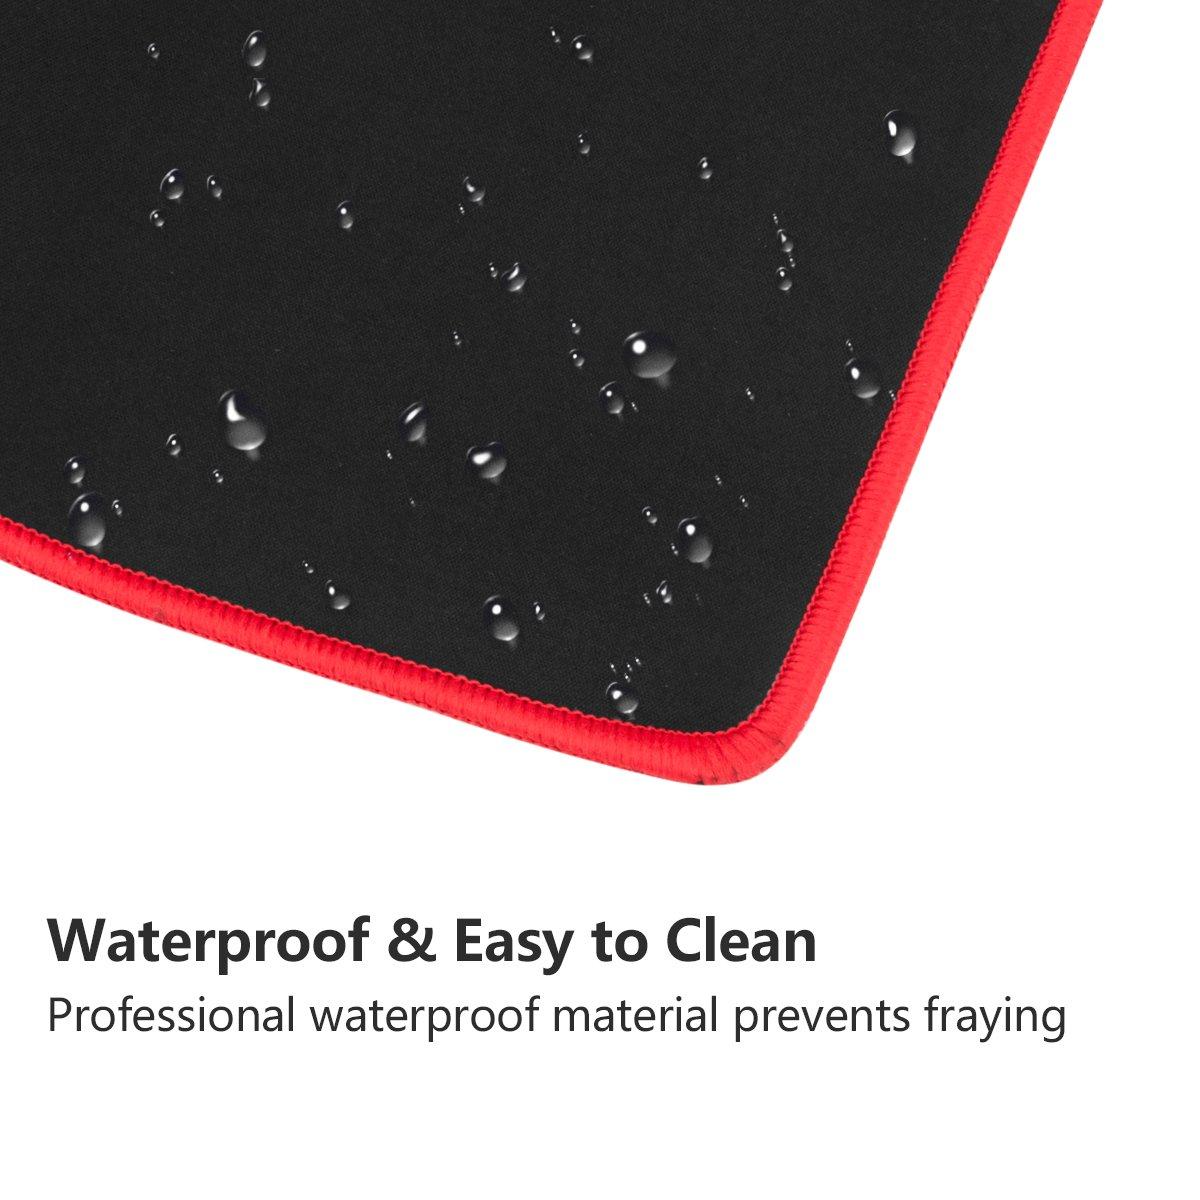 Gaming Mauspad Wasserfest Mausmatte, Vellepro XXL Große Mousepad Anti-Rutsch für PC, Computer, Gaming Maus und Tastatur (800 x 300 x 3mm)